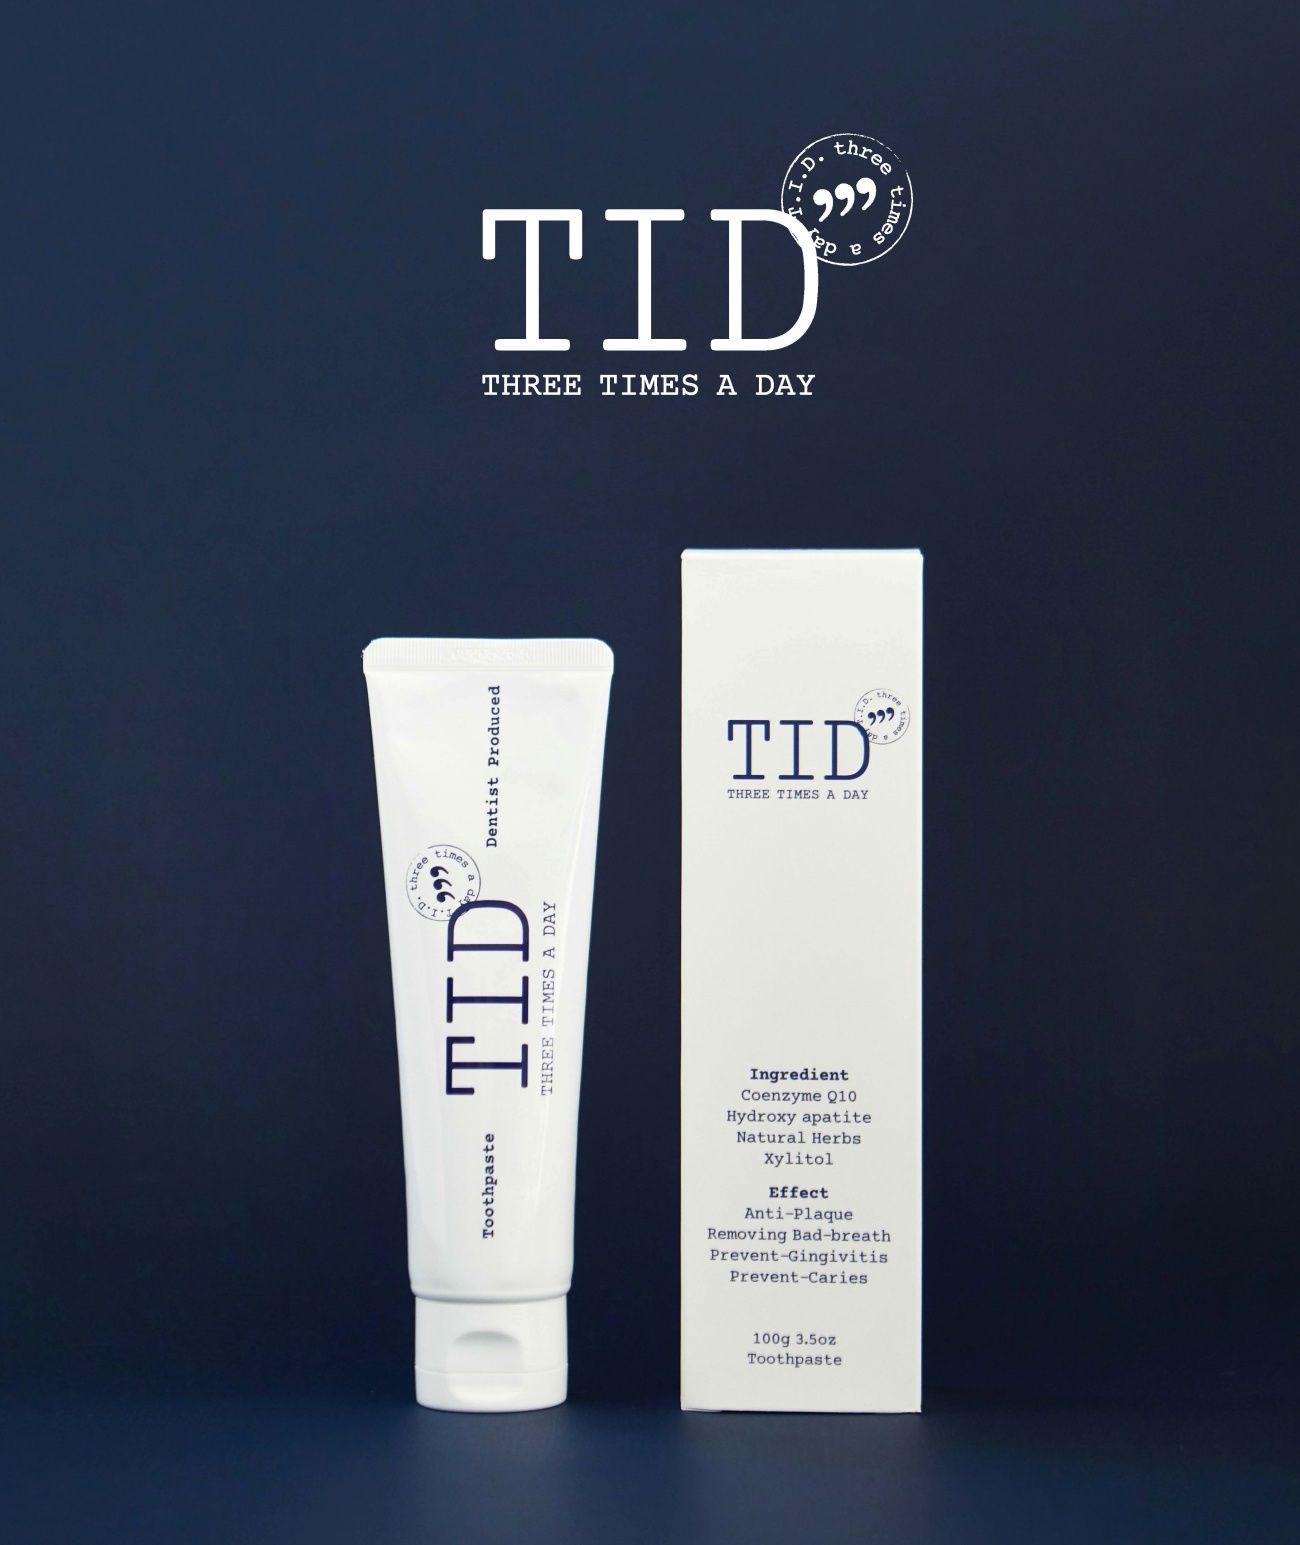 하루 3번 만나는 구강주치의 T I D 티드 와디즈 펀딩 크라우드펀딩